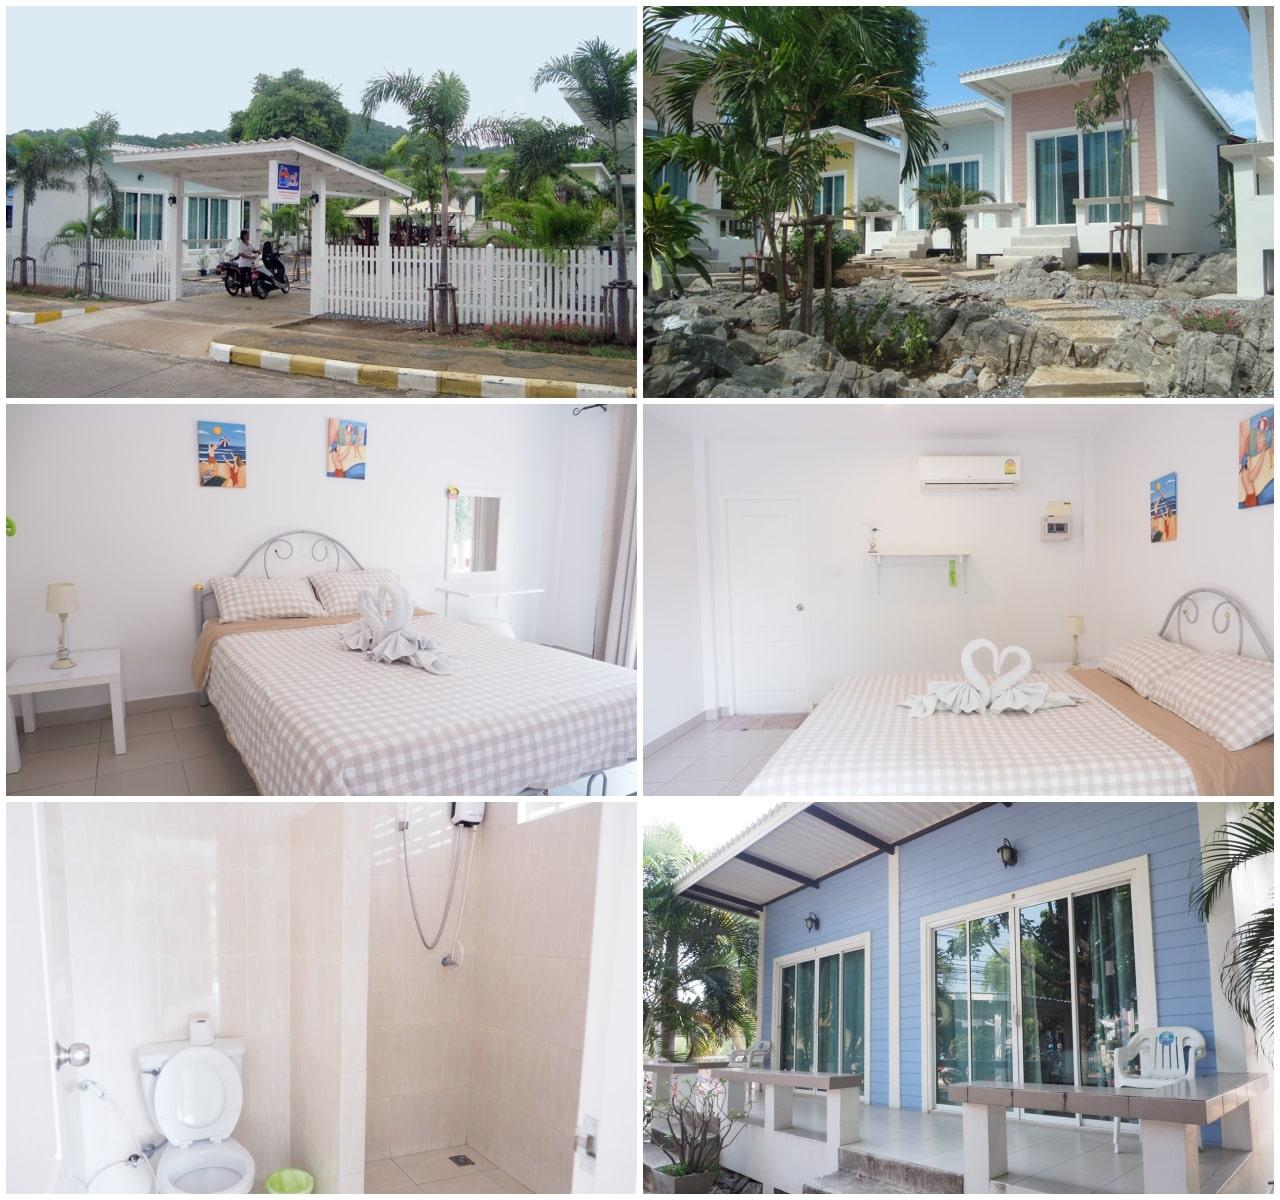 รีวิว!! 9 ที่พักเกาะสีชังสวยๆ ติดทะเล ราคาถูกเริ่มต้นแค่ 699 บาท